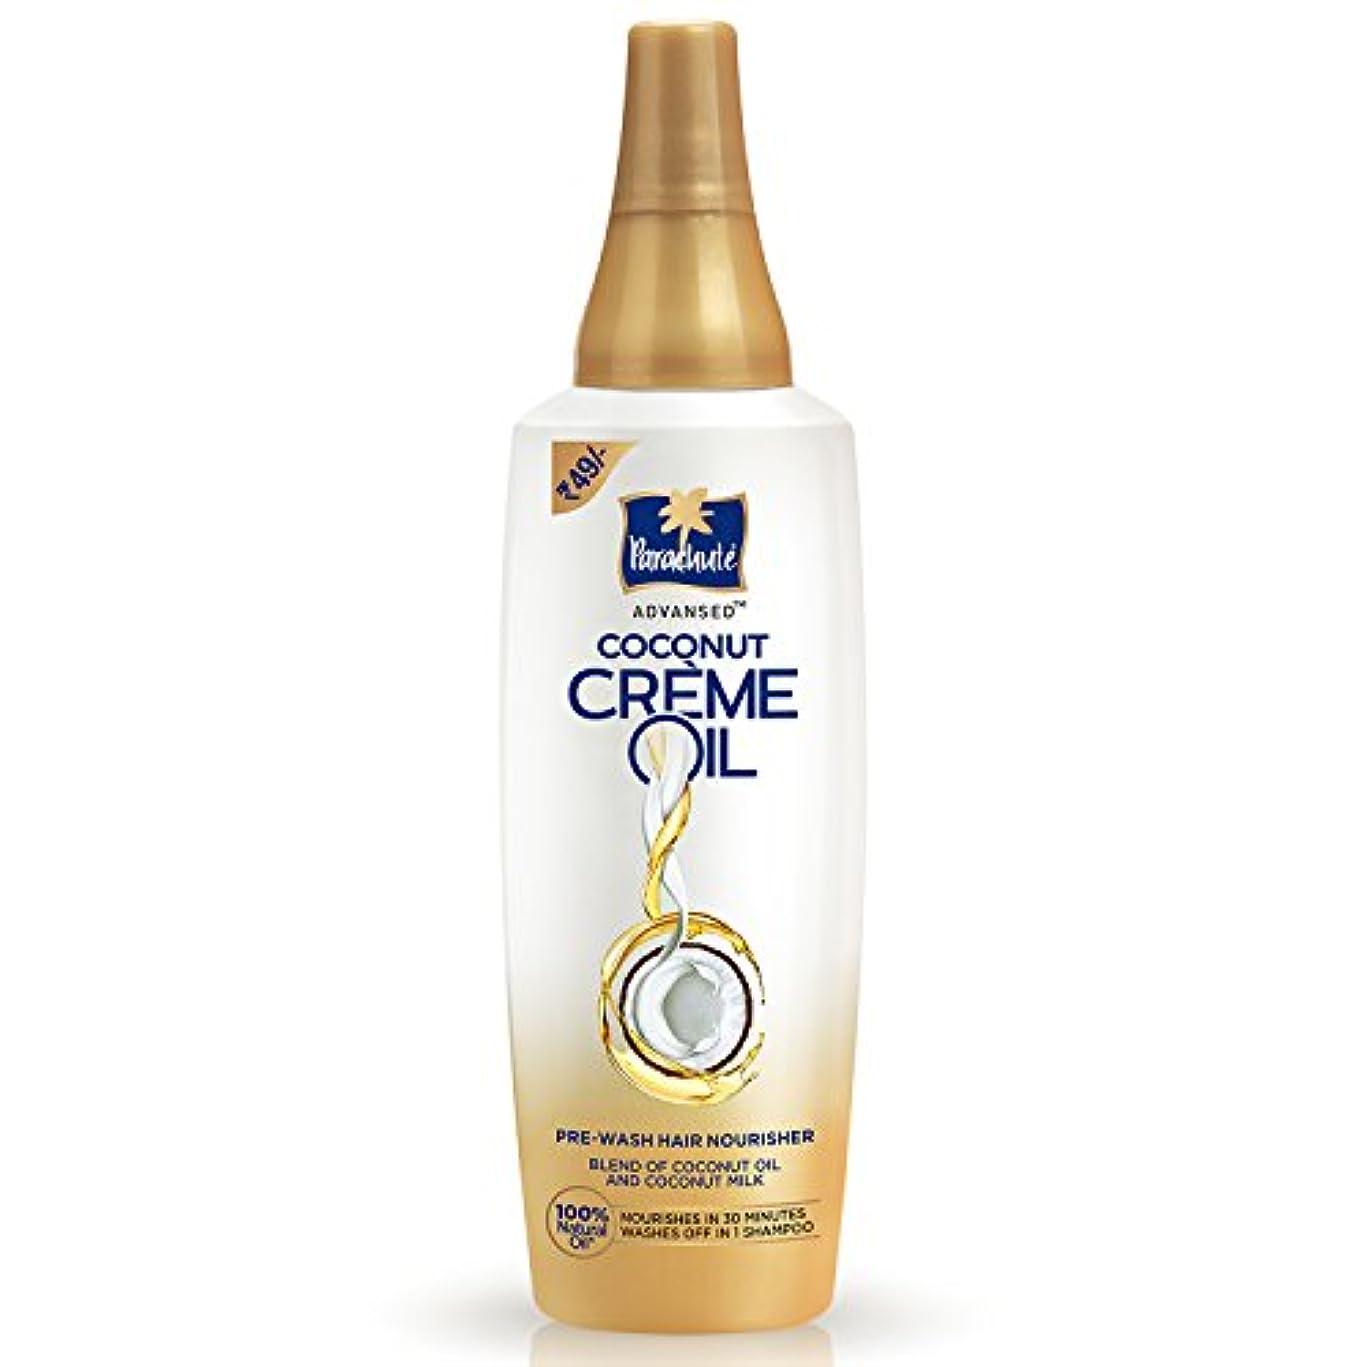 車変える雪のParachute Advansed Coconut Crème Oil, 60 ml (Pack of 4)